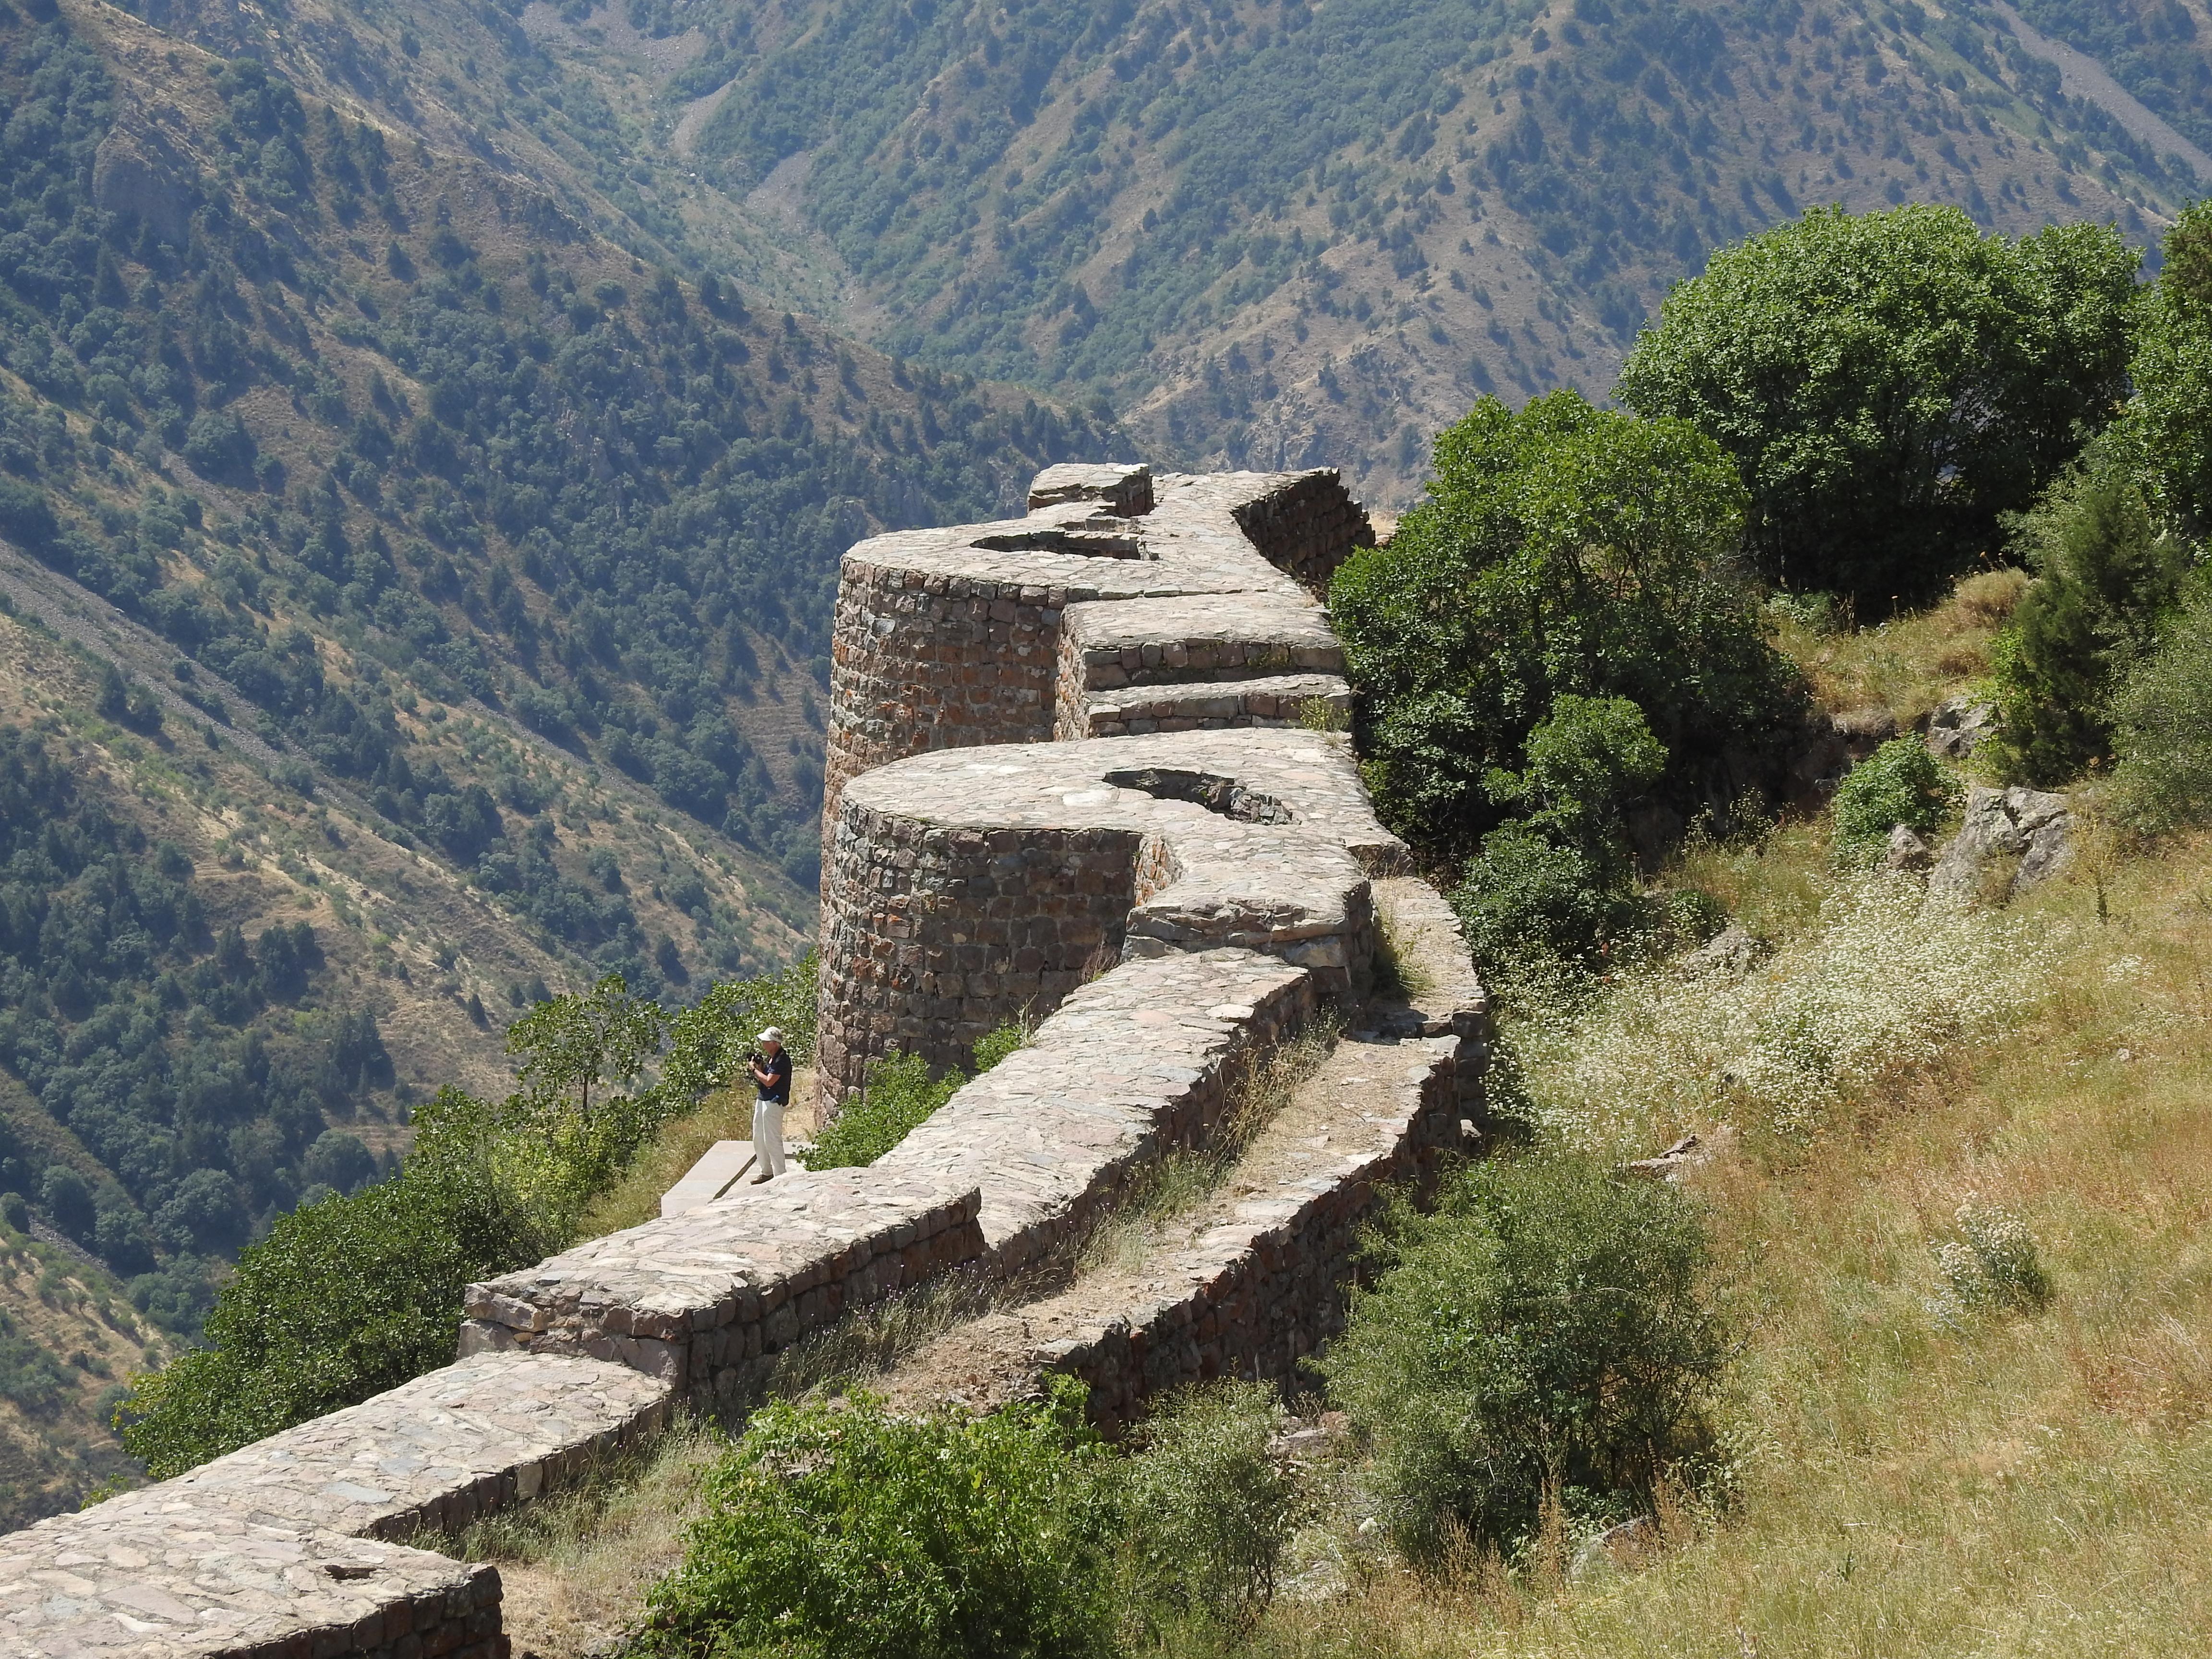 Smataberd Armenië (foto C. Snik)